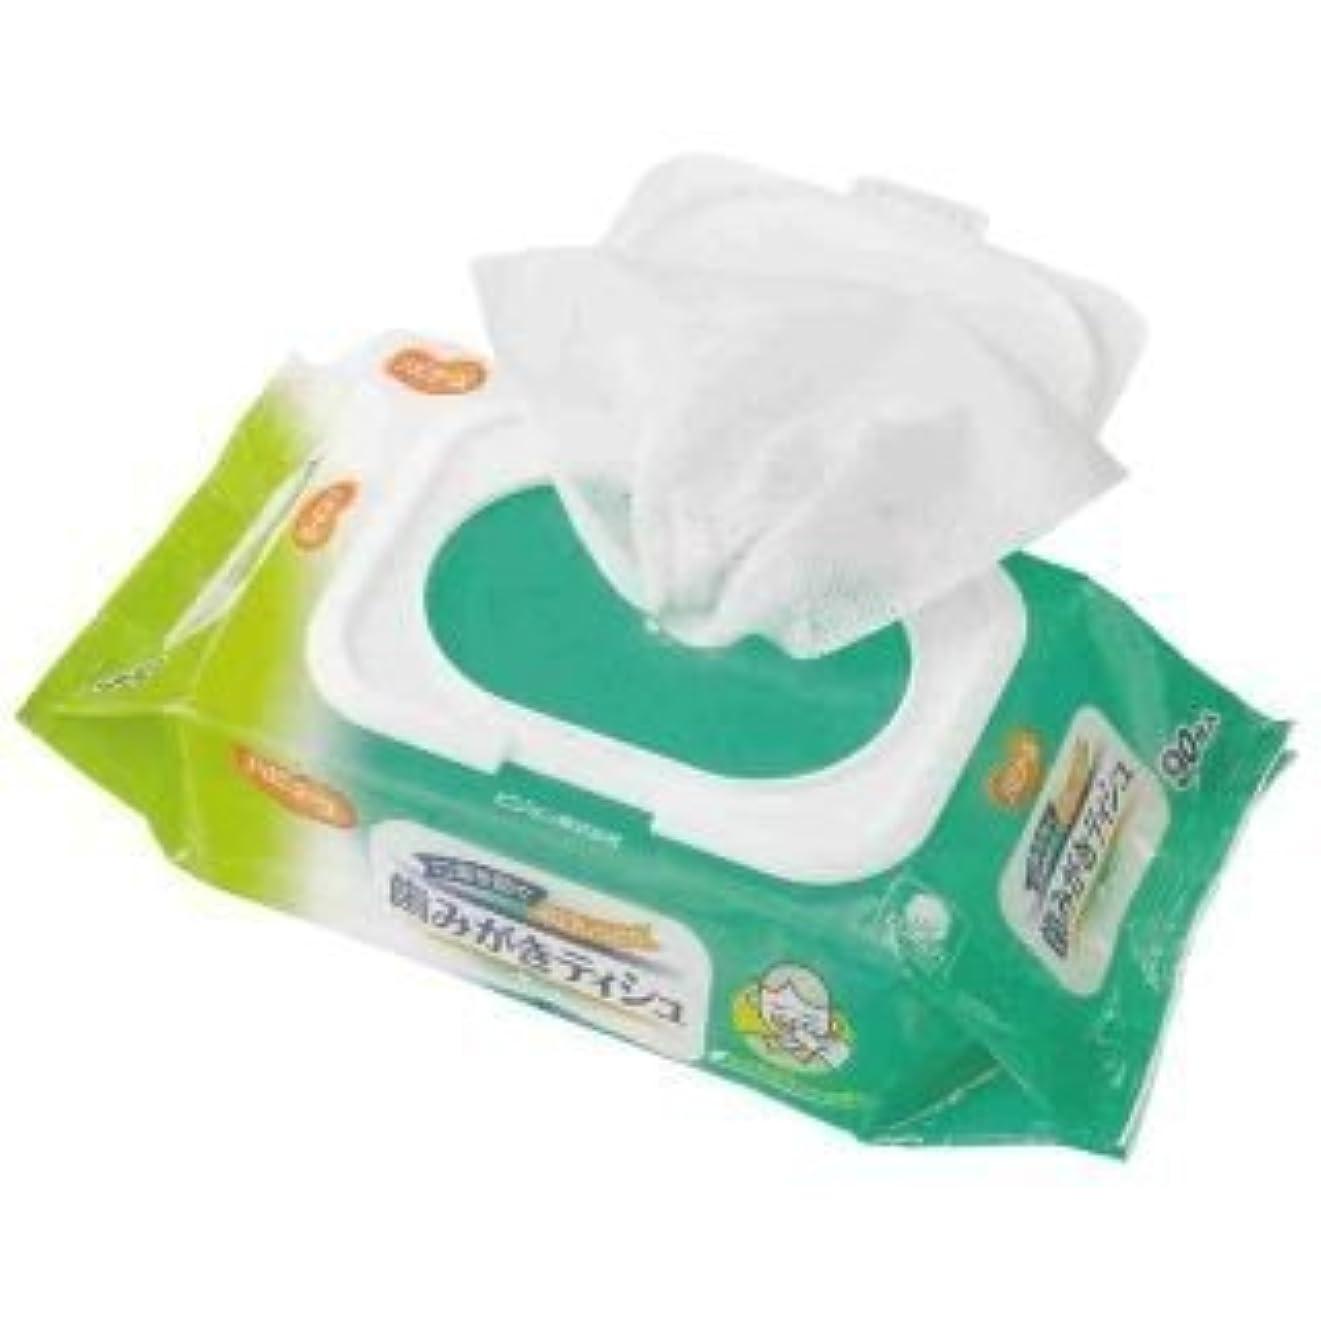 シャンプー変動するポジション口臭を防ぐ&お口しっとり!ふきとりやすいコットンメッシュシート!お口が乾燥して、お口の臭いが気になるときに!歯みがきティシュ 90枚入【3個セット】